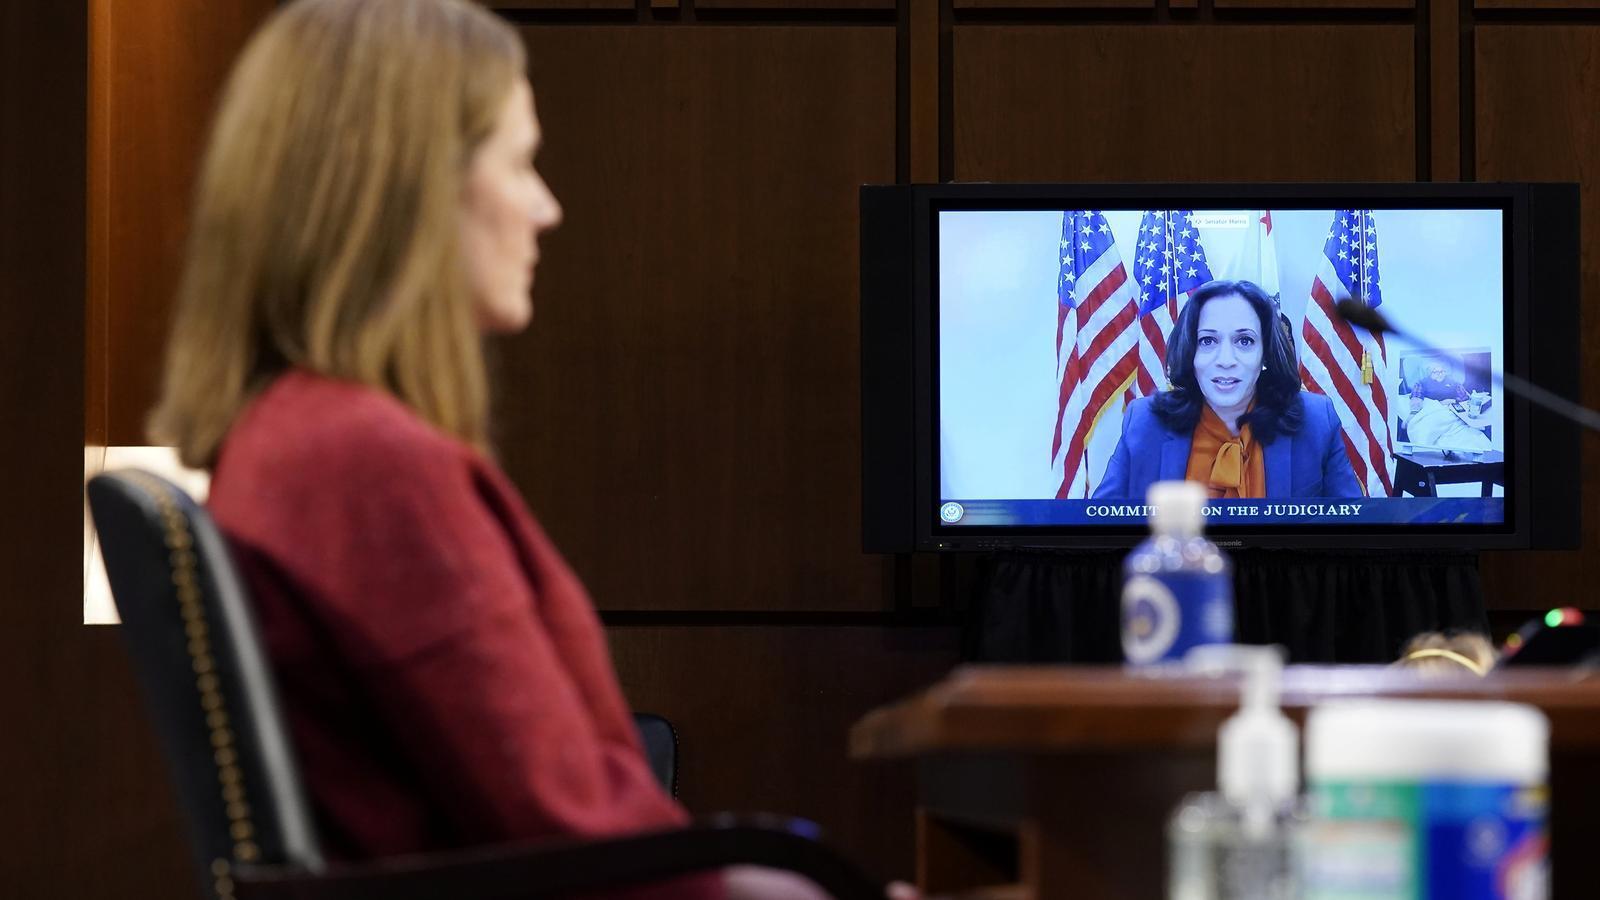 """""""Espero que el comitè confiï en la meva integritat"""": la jutge Barrett es defensa dels retrets de Kamala Harris"""